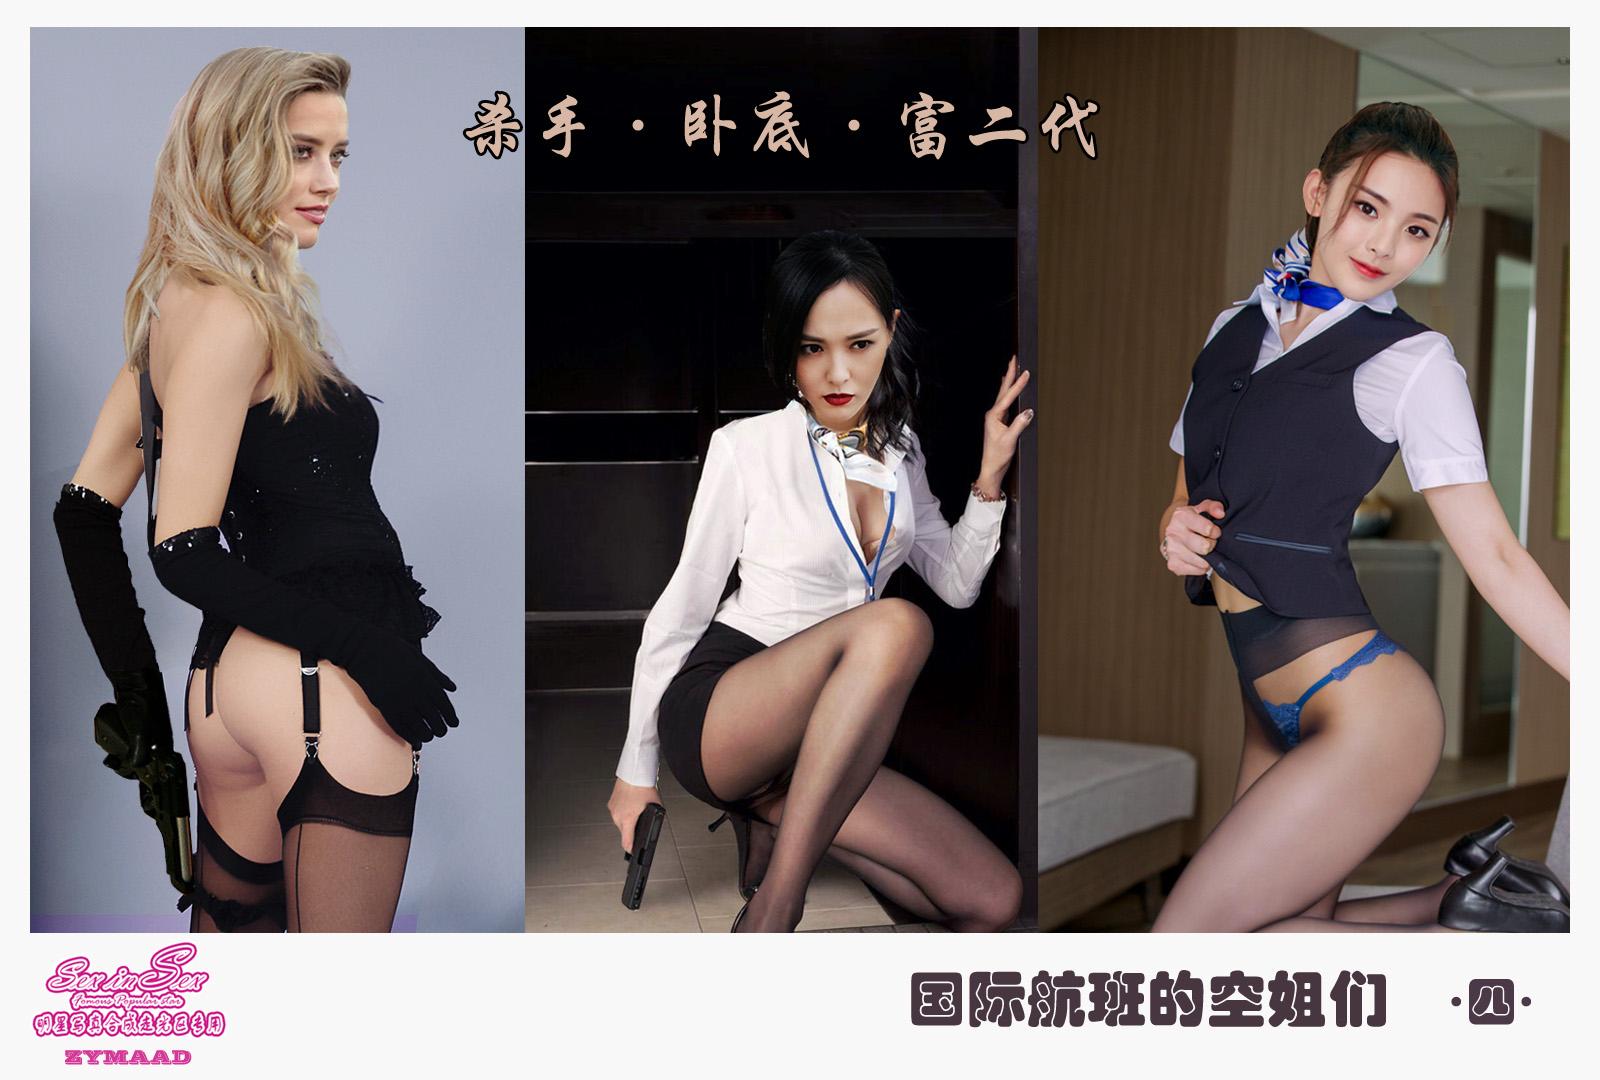 Sexinsex 国际航班的空姐zymaad